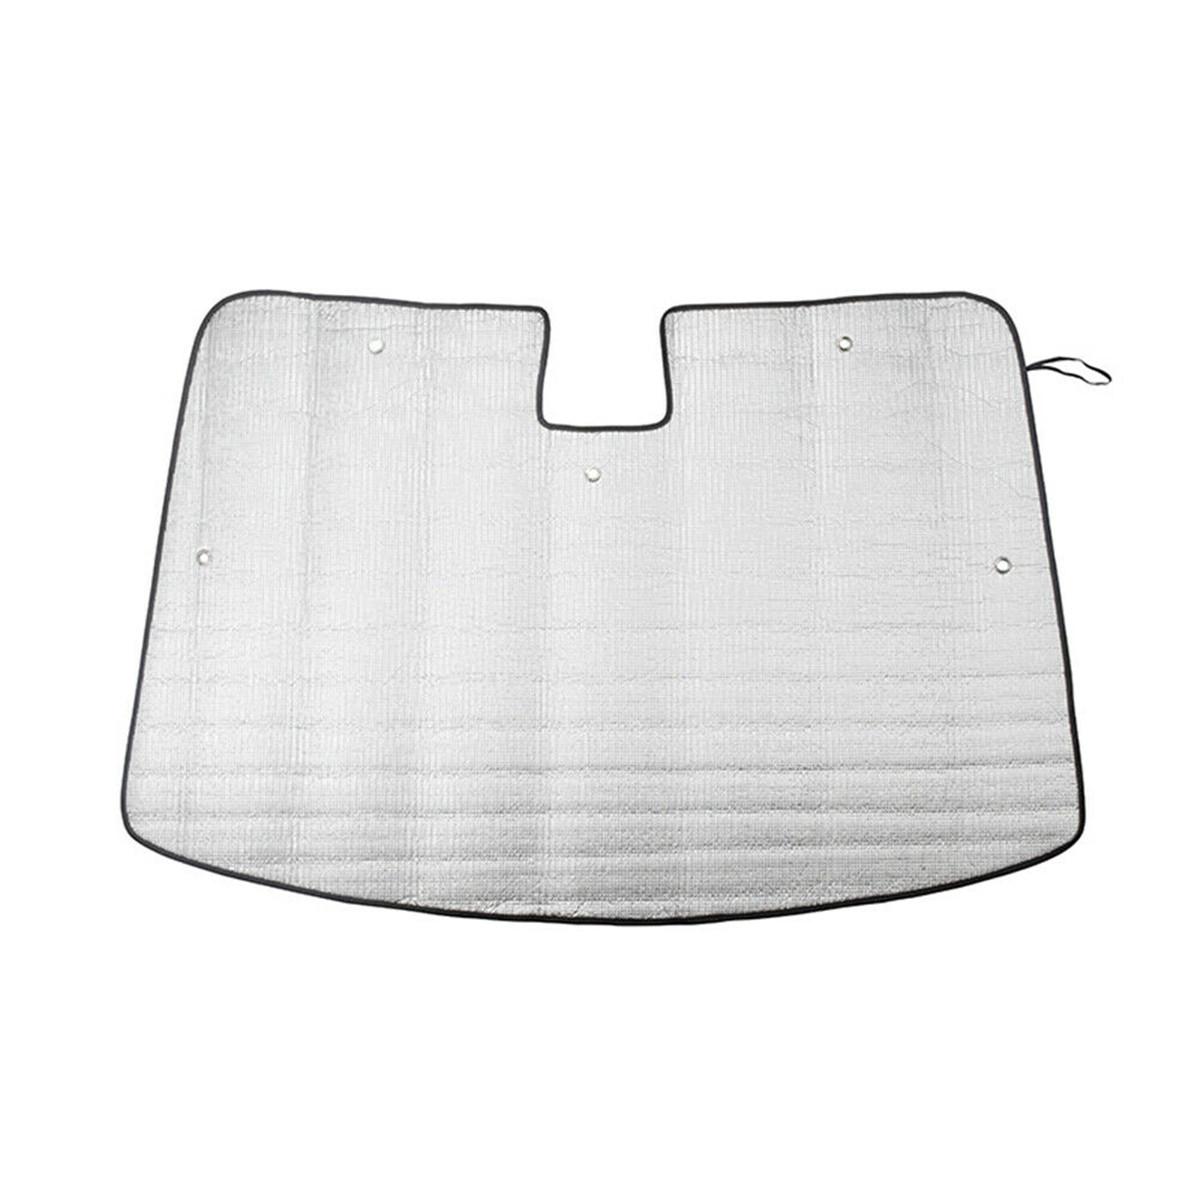 Car Front Window Windshield Sunshade Heat Shield Sun Visor ...